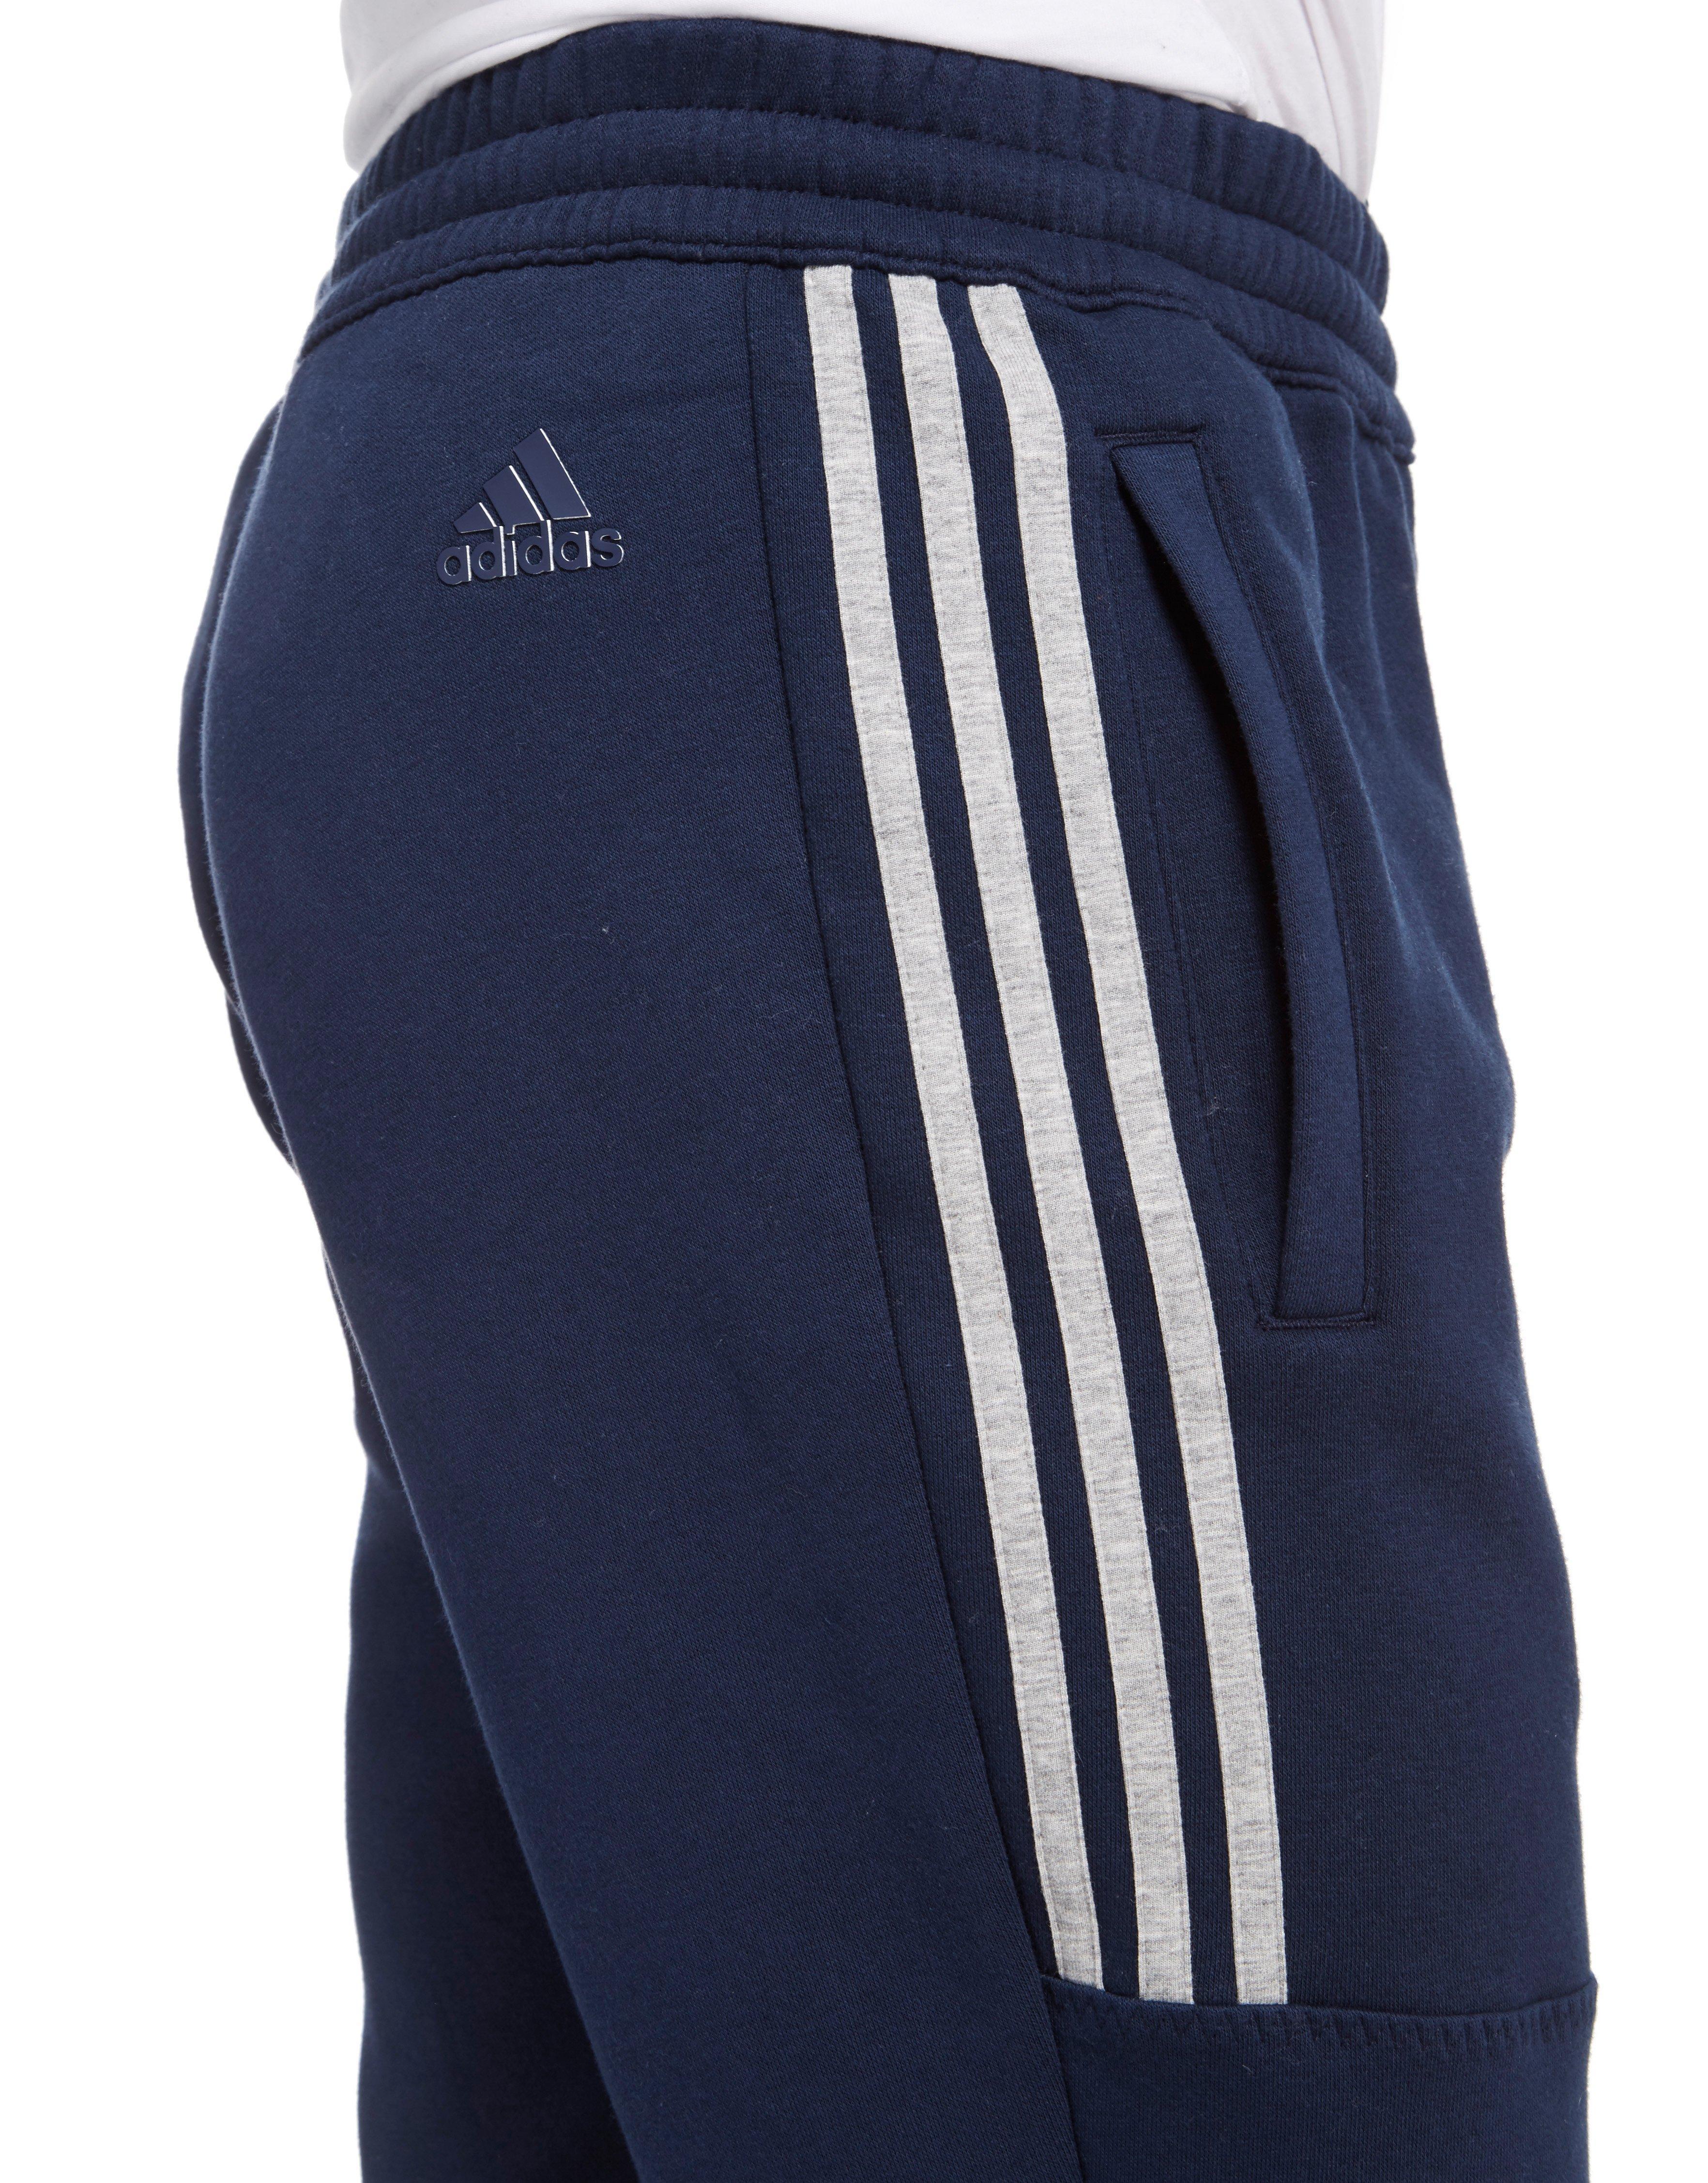 8741b48cb216 Lyst - adidas Linear Fleece Pants in Blue for Men